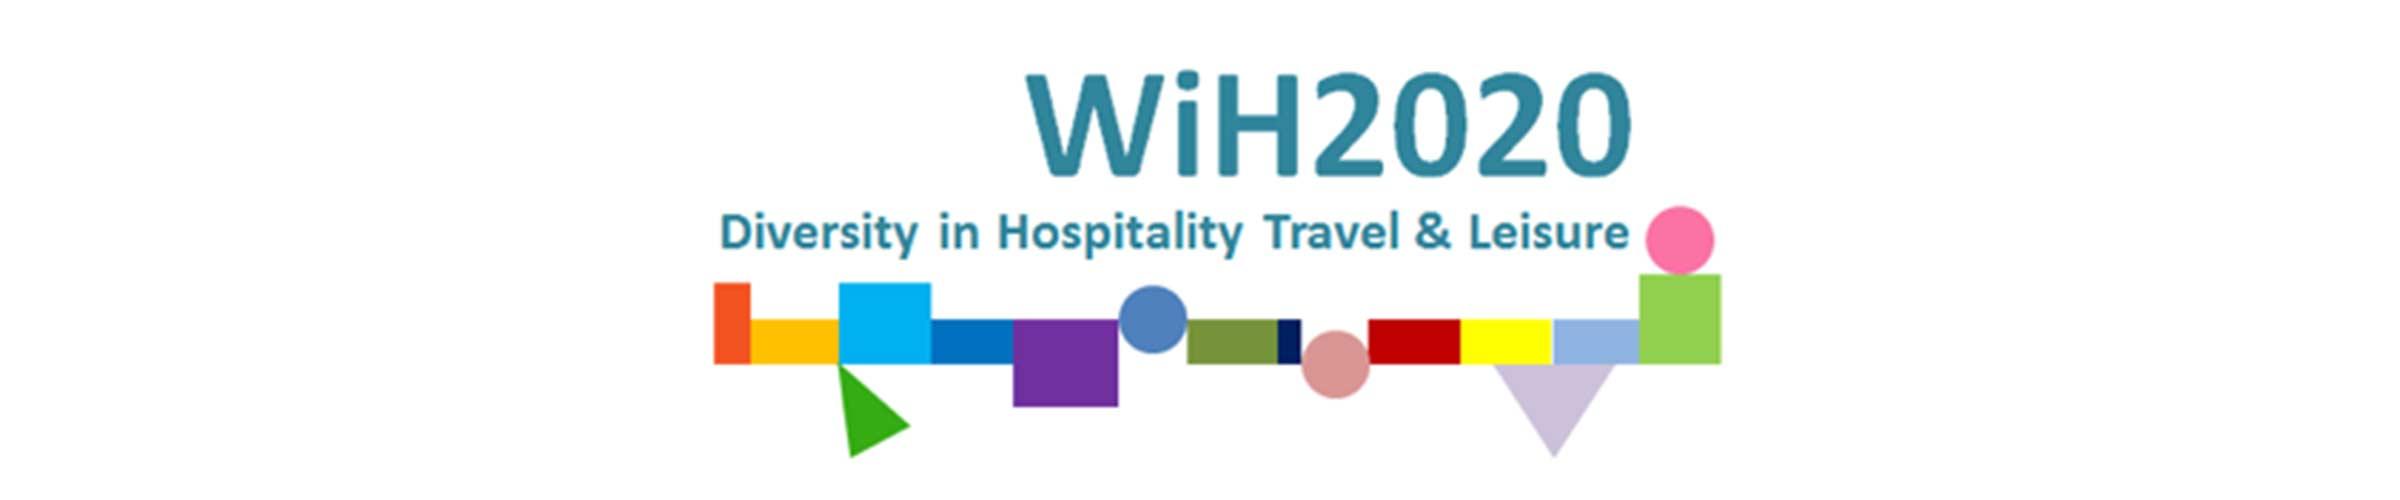 women in hospitality 2020